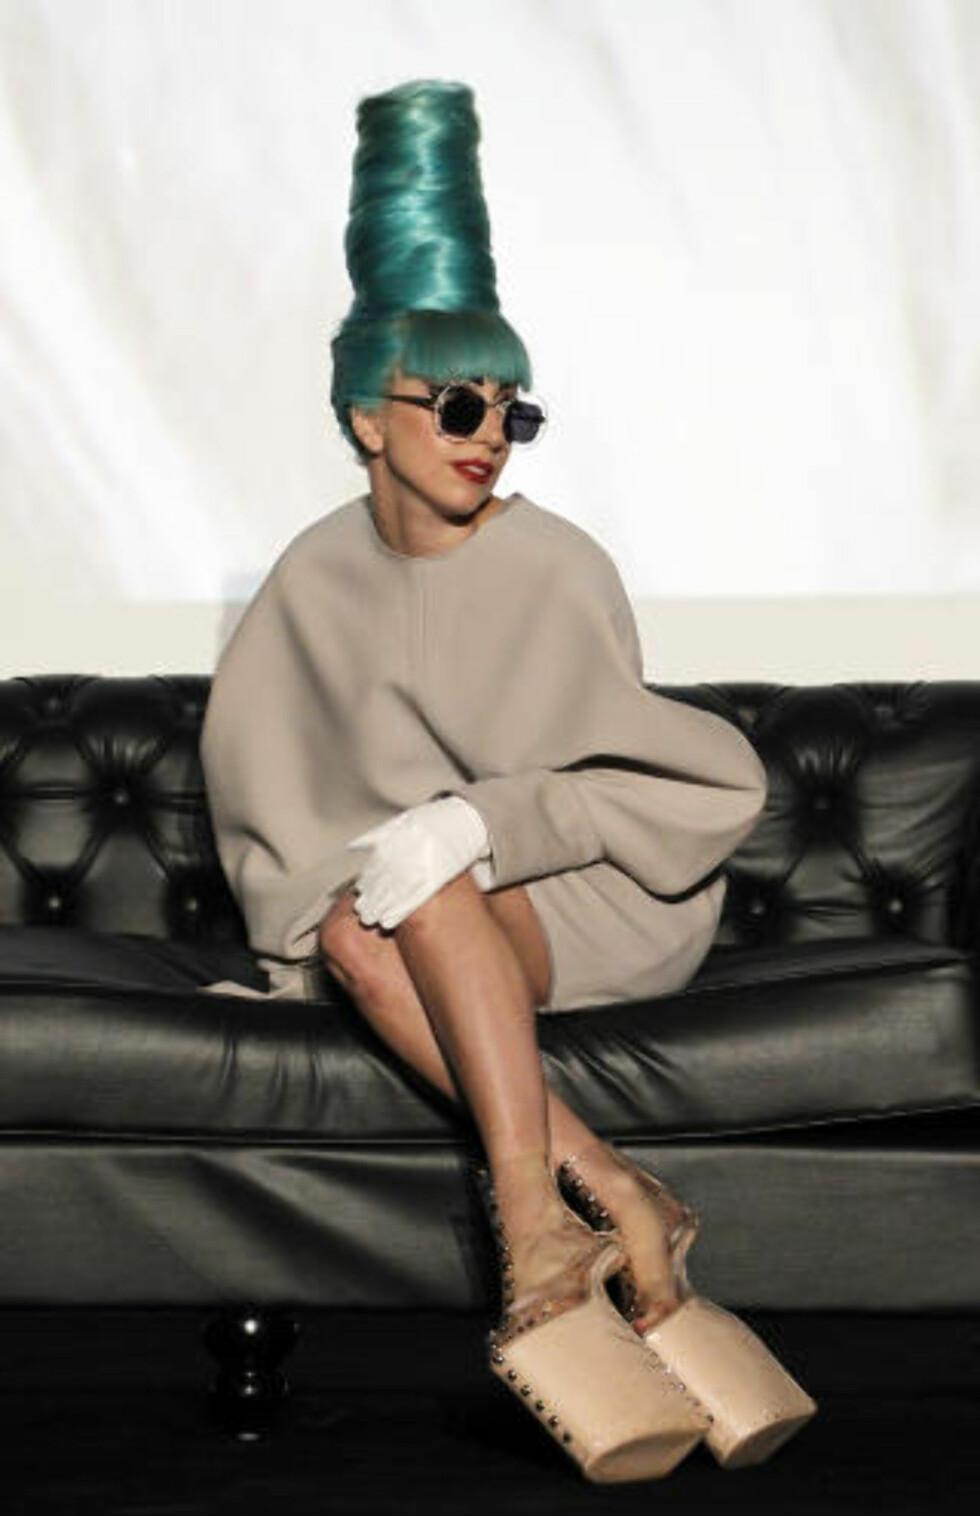 AUDIOVISUELT: Musikk og musikkteknologi spiller større rolle for unge mennesker i dag enn dikt og diktsamlinger, mens visuell kultur vekker dypere fascinasjon enn verbal og litterær, skriver kronikkforfatteren. Det forklarer kanskje suksessen til Lady Gaga. Foto: WONG MAYE-E / AP Photo / NTB SCANPIX